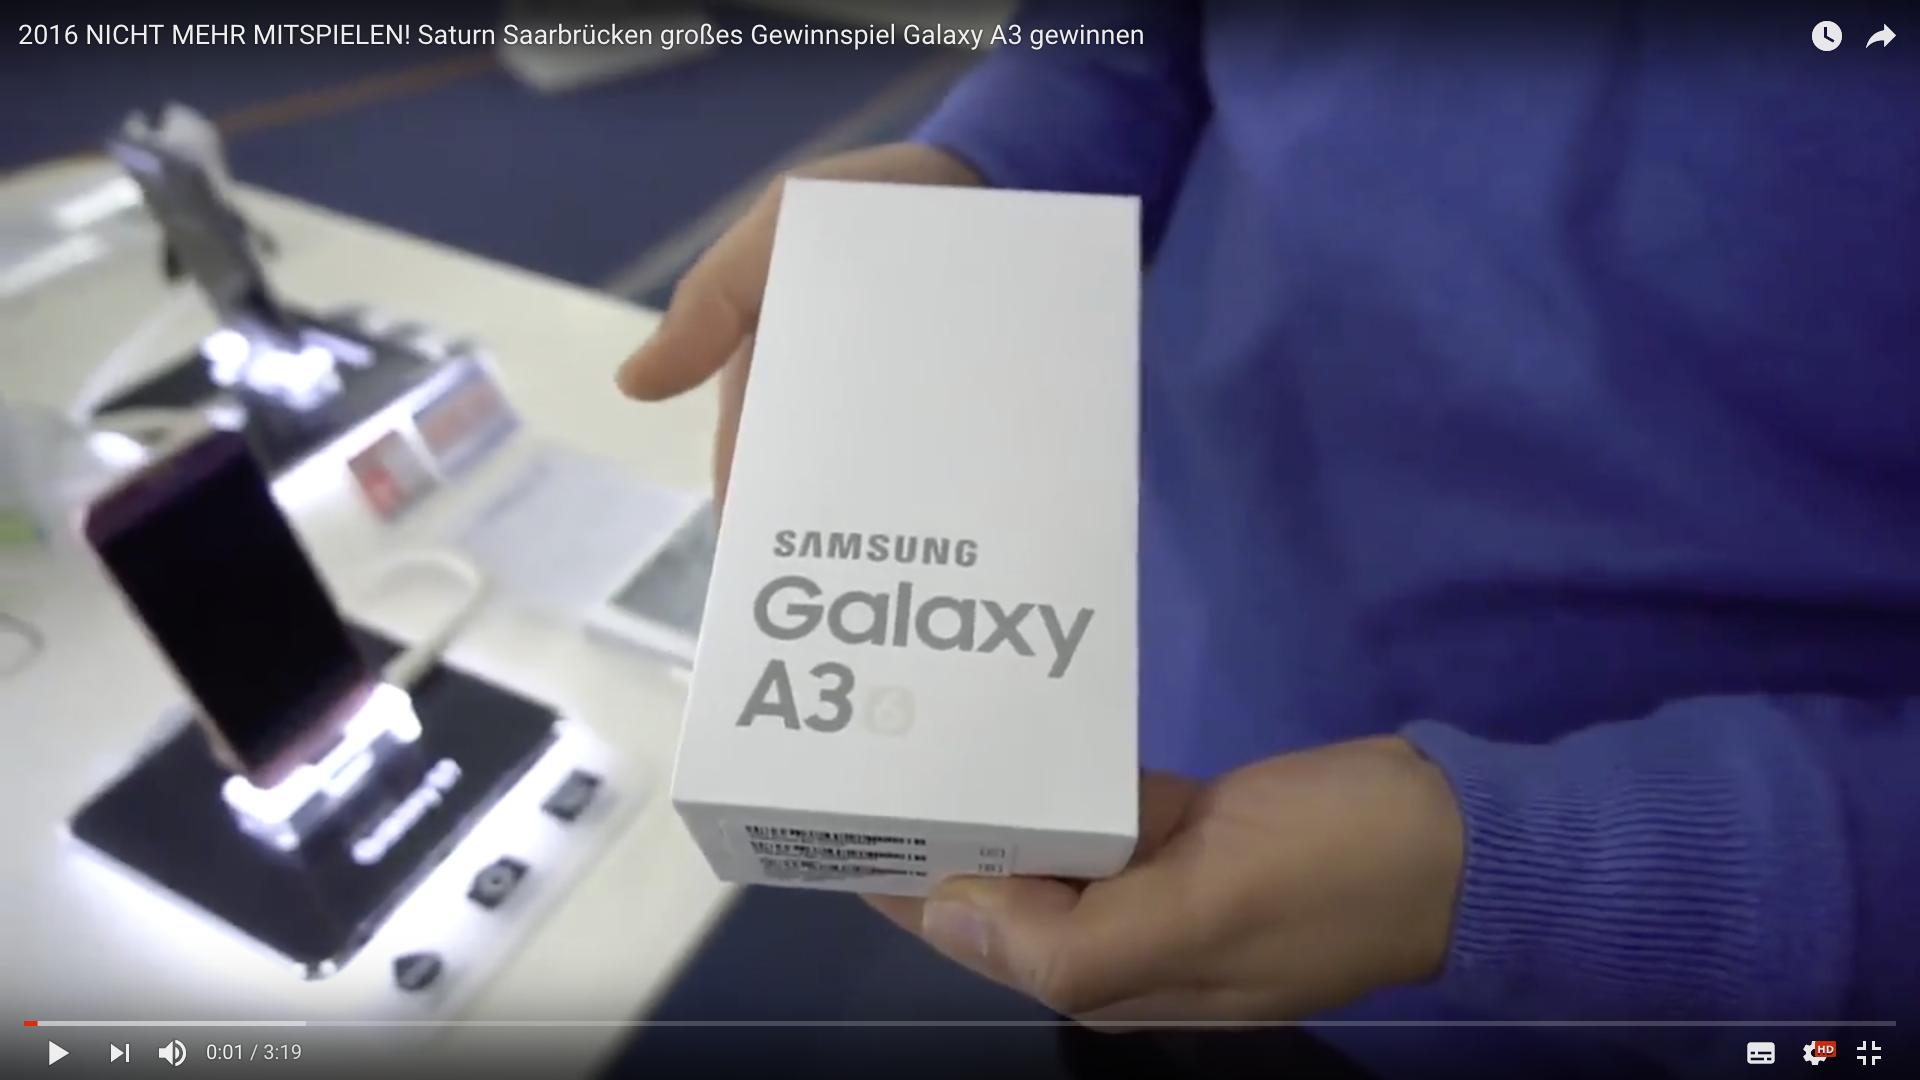 2017 Saturn Saarbrücken großes Gewinnspiel Galaxy A3 Gewinn_MSM_MEDIEN_SAAR_MOSEL_SAARLAND_FERNSEHEN_1_ED_SAAR